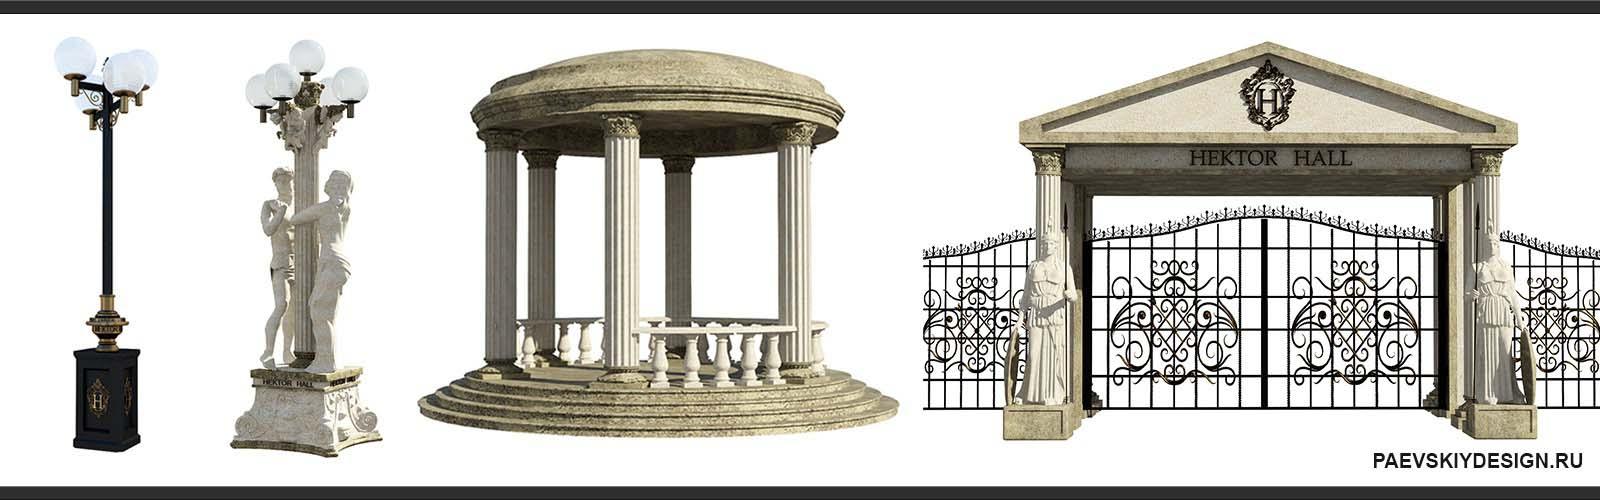 Дизайн архитектурных композиций строений, сооружений